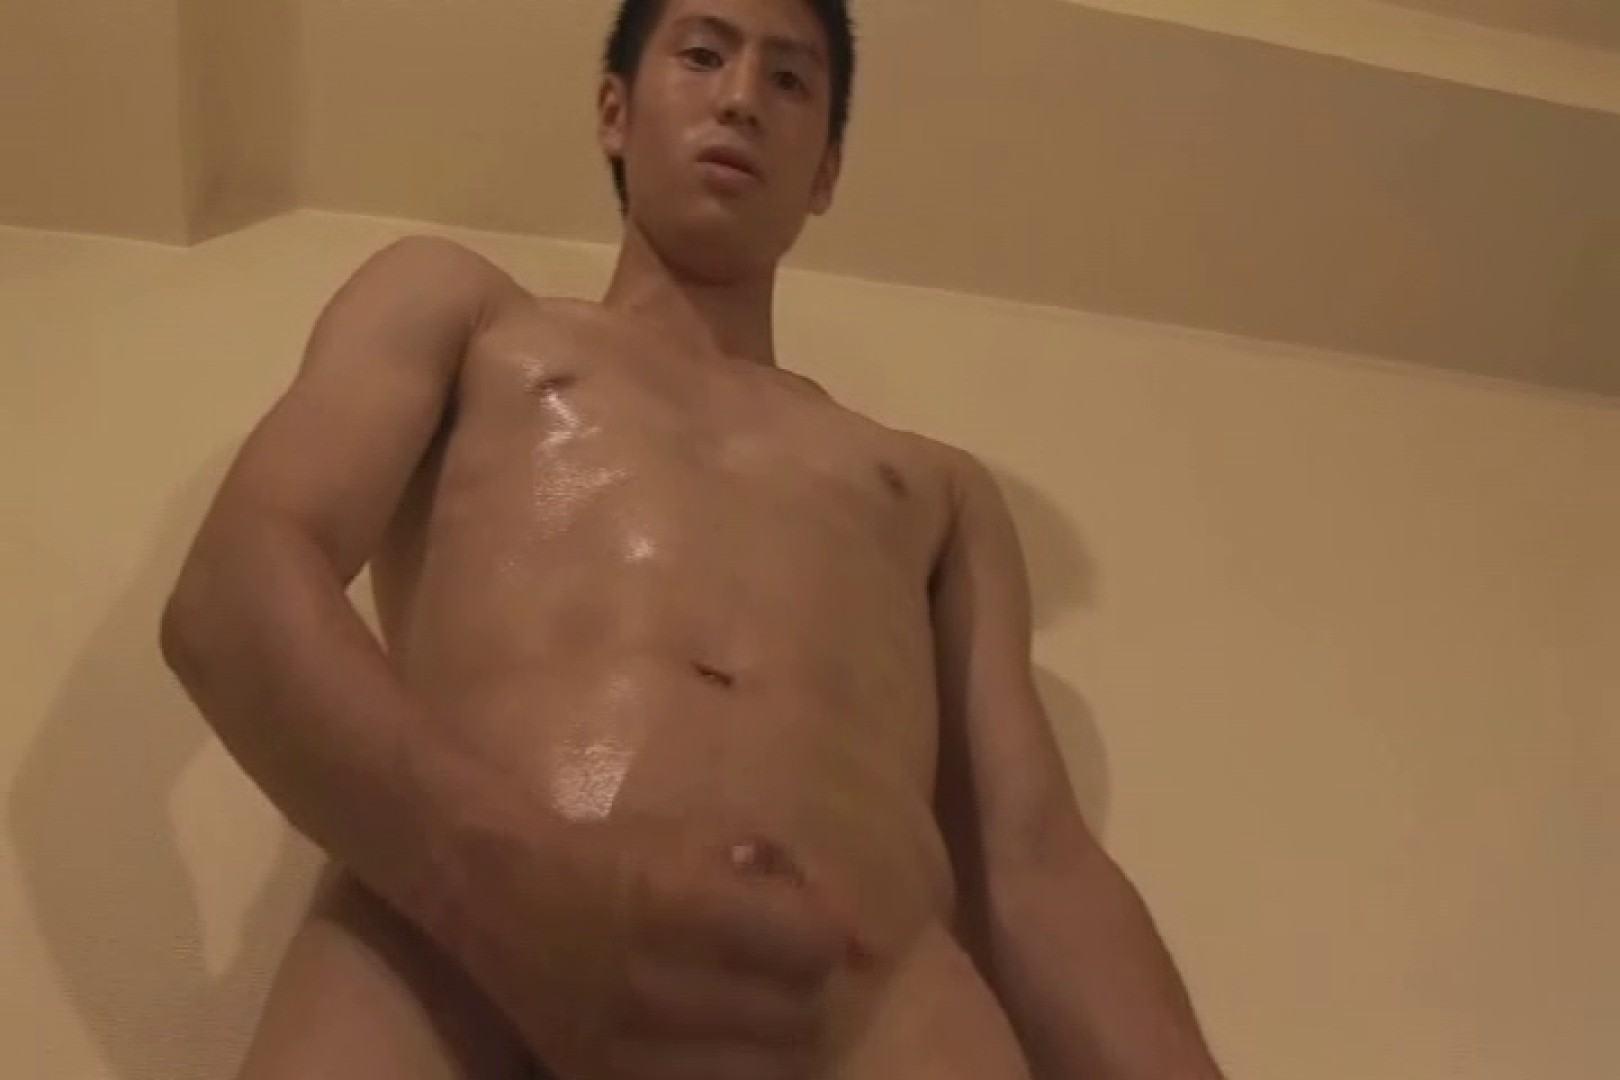 暴れん棒!!雄穴を狙え!! vol.04 自慰シーン ゲイセックス画像 112枚 110